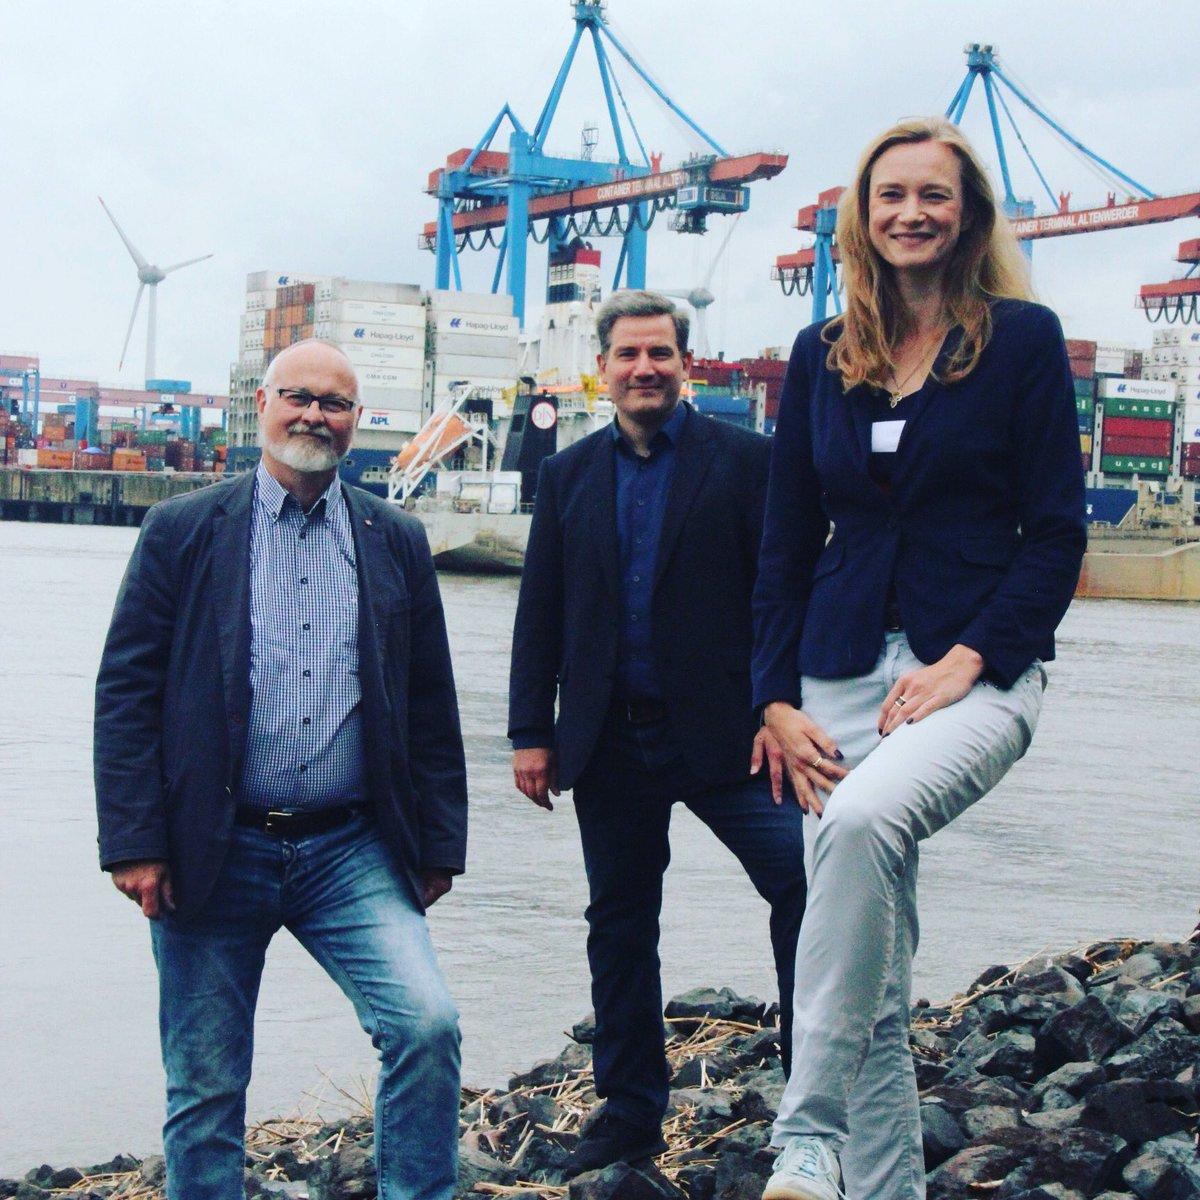 Gute Nachrichten für den @PortofHamburg & Ingo #Egloff von Hamburg Hafen Marketing: Im Bundestag beschließen wir morgen die Verschiebung der #Einfuhrumsatzsteuer. Damit werden endlich Wettbewerbsnachteile f. deutsche Häfen beseitigt! #hafenhamburg #Konjunkturpaket #hamburg #spdpic.twitter.com/TC1iN5rmId  by Dorothee Martin